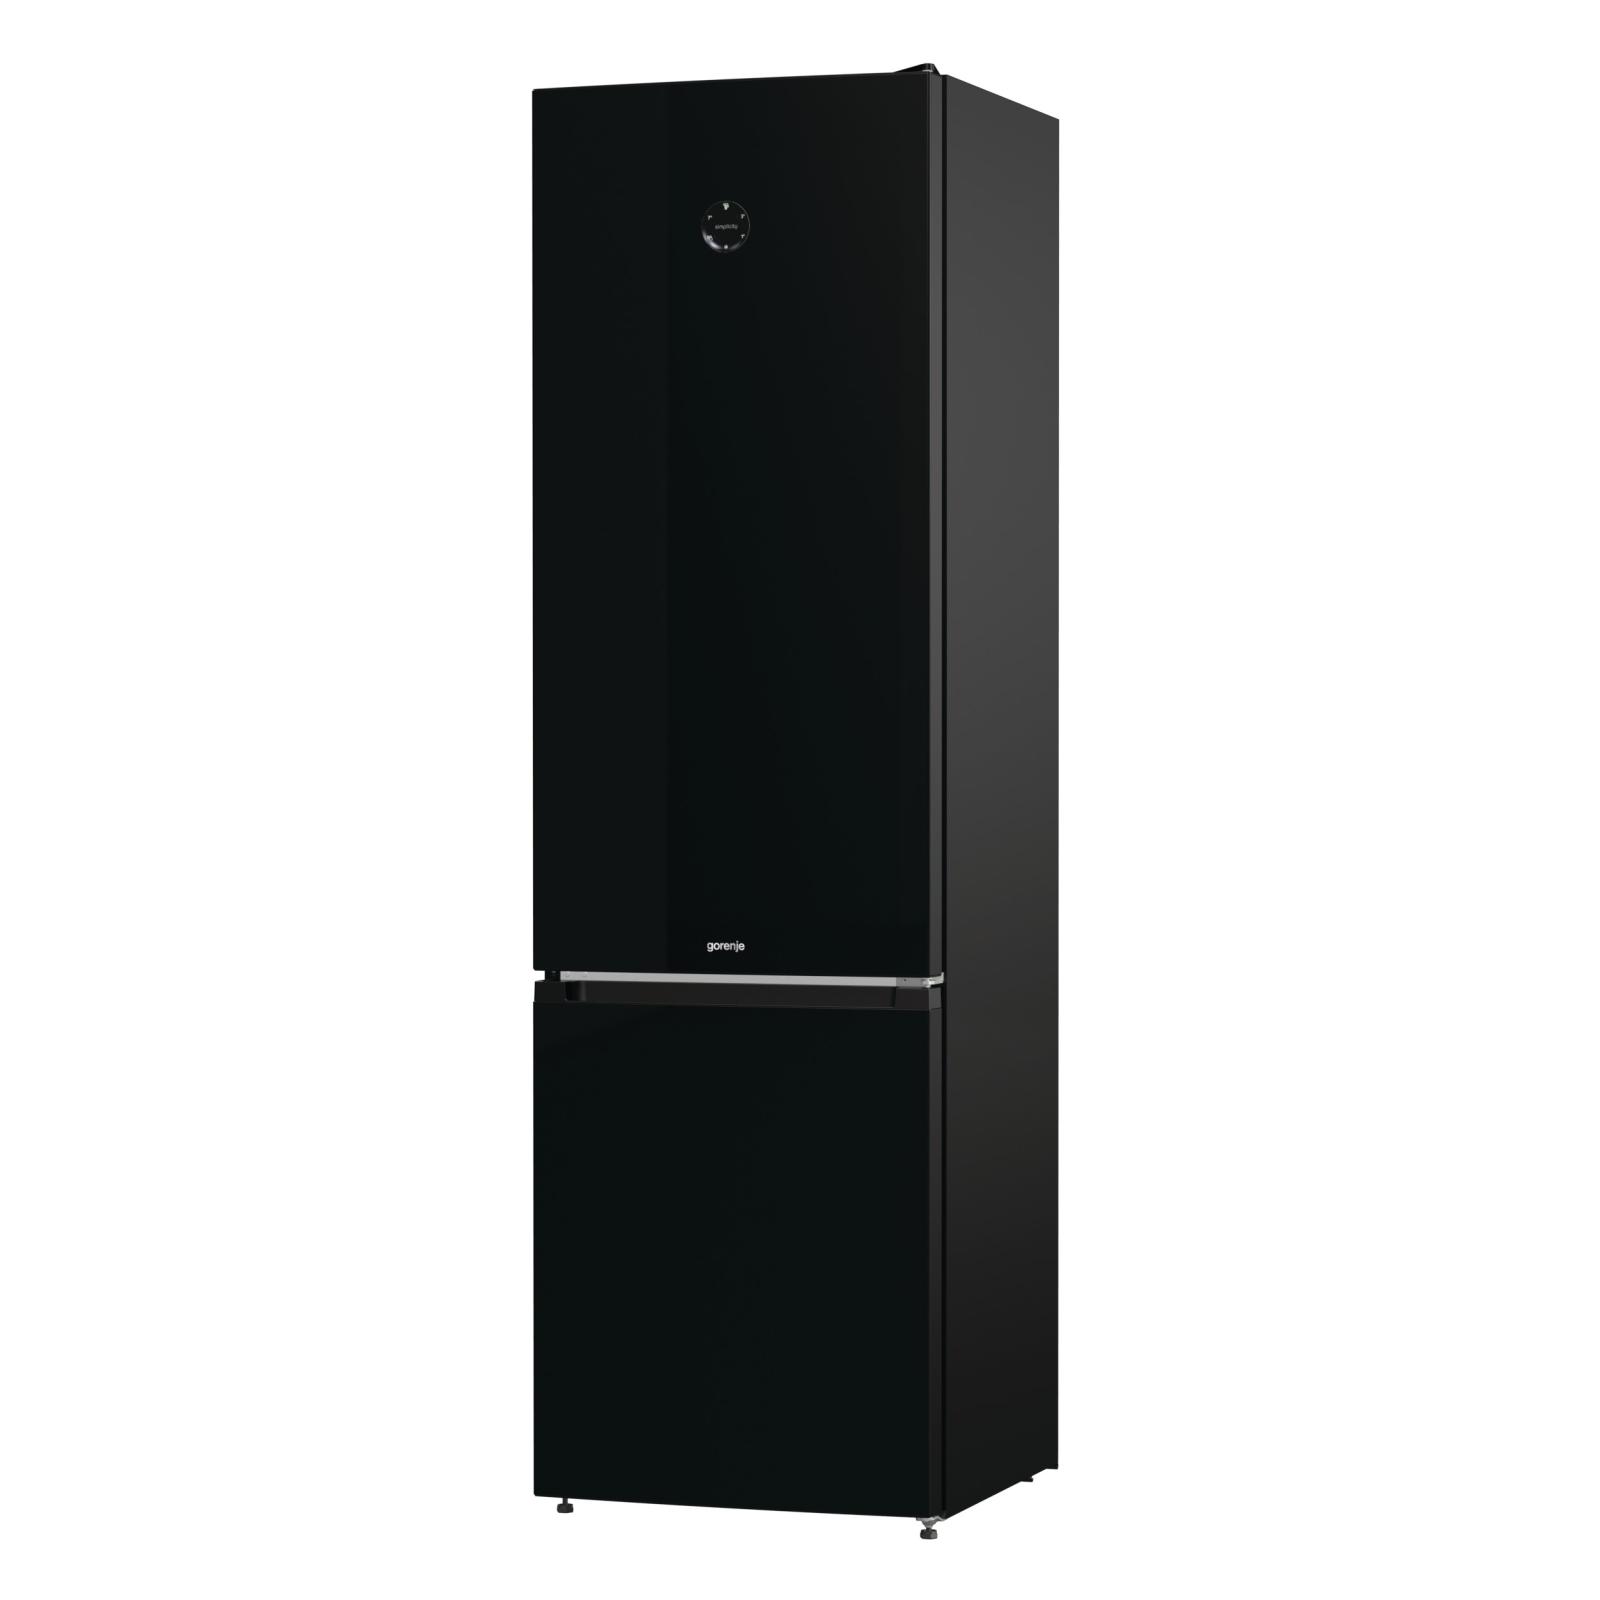 Холодильник Gorenje NRK621SYB4 изображение 3